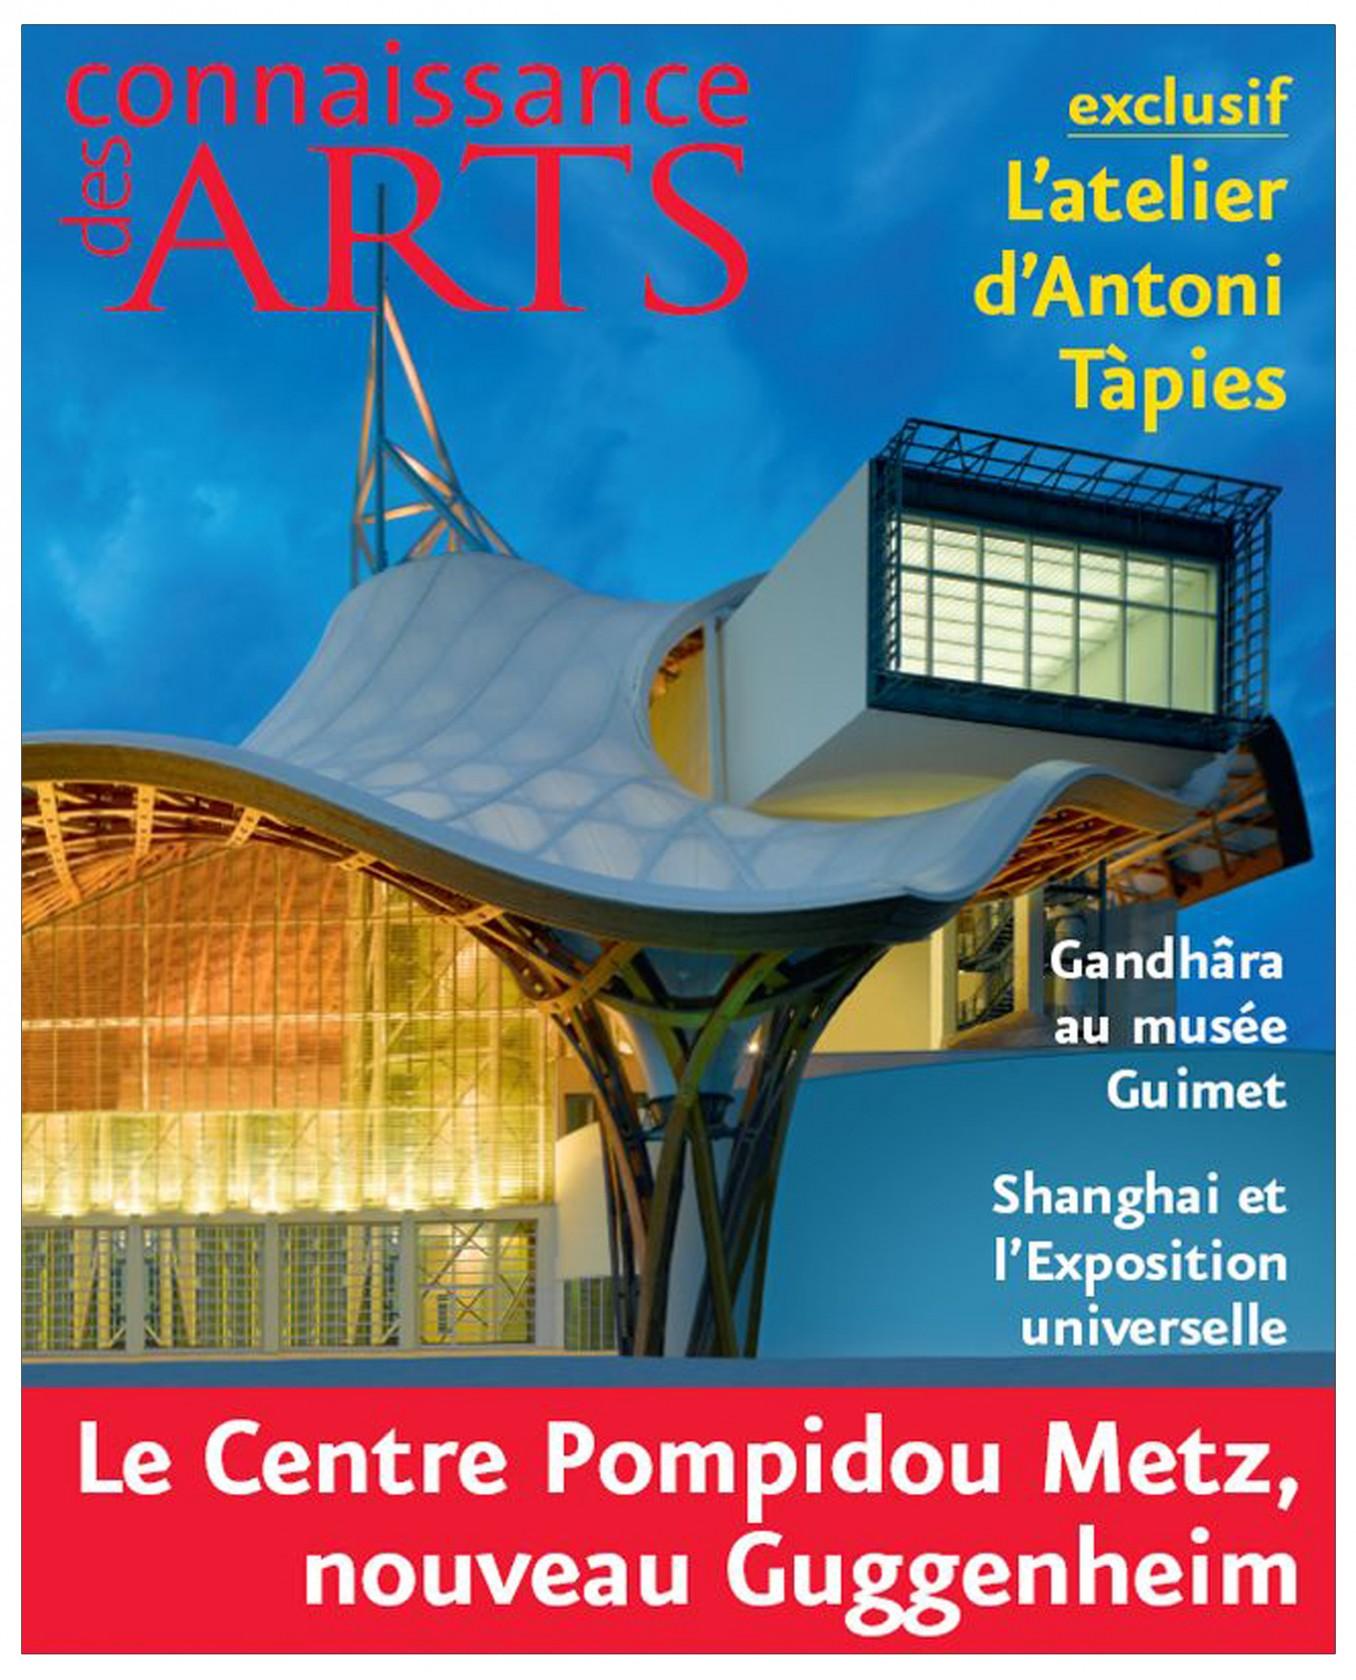 Ludovic AVENEL : ébéniste créateur Paris - Ludovic_Avenel_press_connaissance_des_arts_ebeniste_créateur_design_sur mesure_1